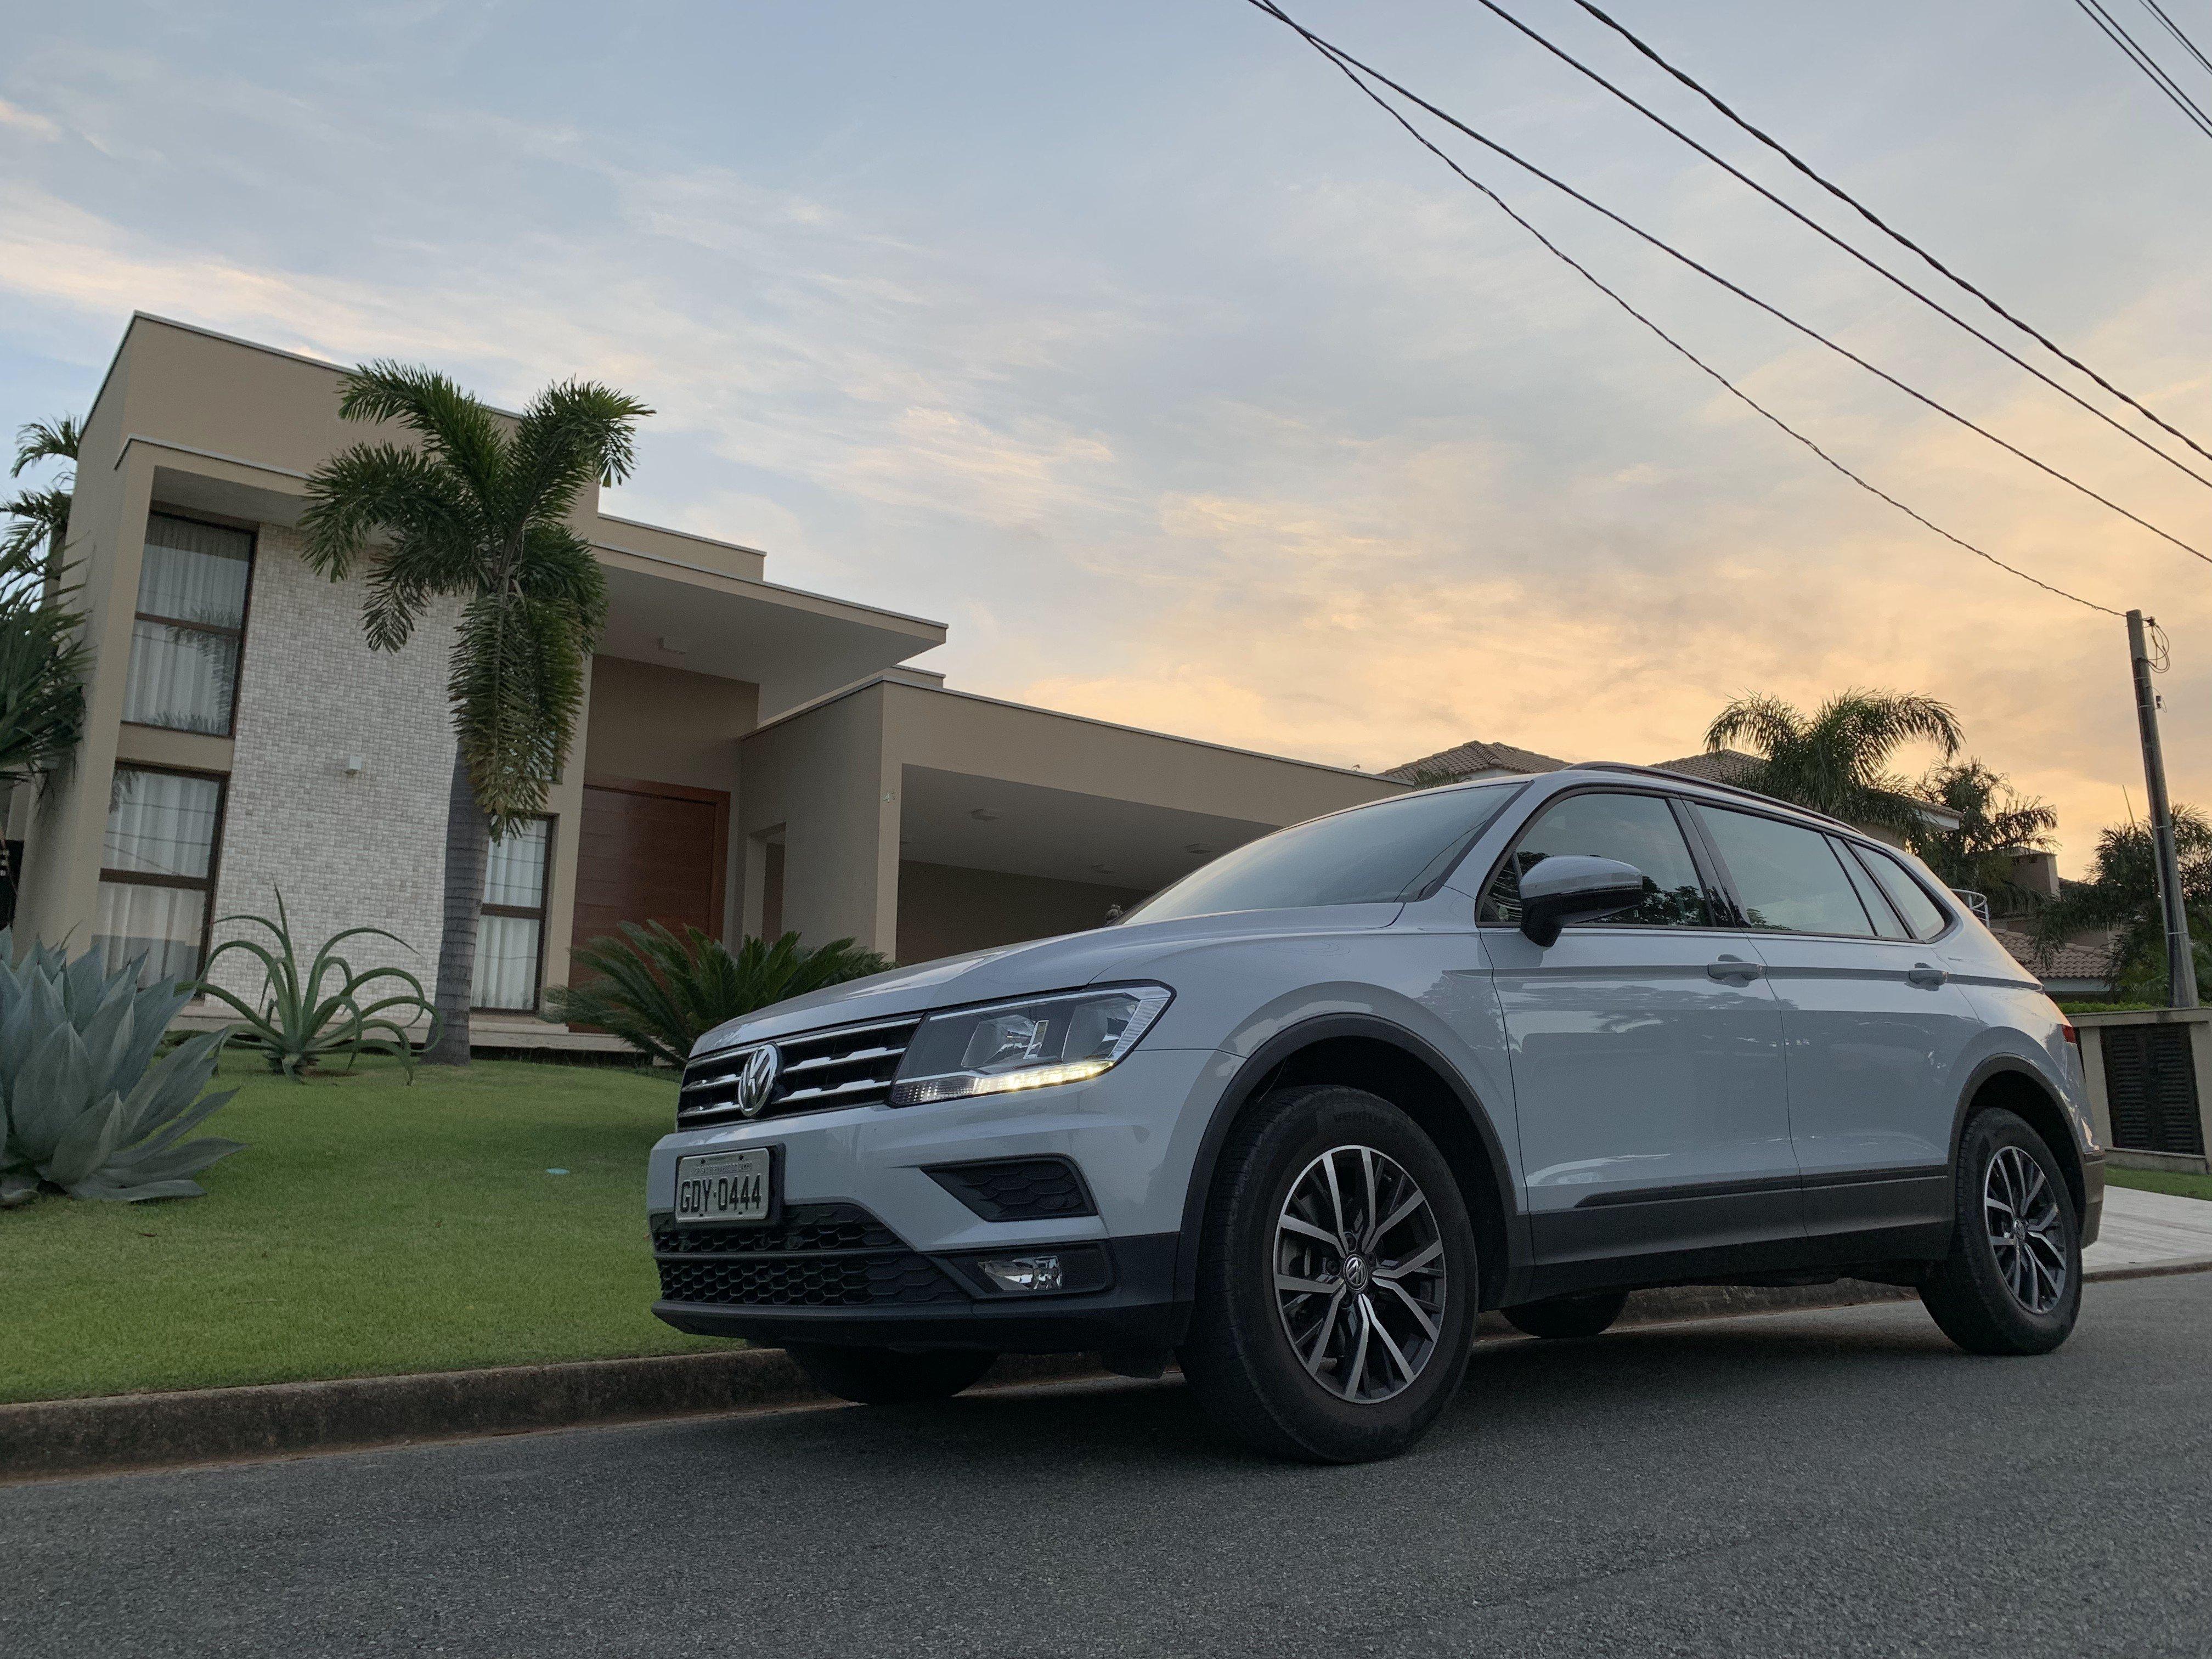 Testamos o novo Tiguan Allspace 1.4 TSI da Volkswagen. Confira! [Review 360]